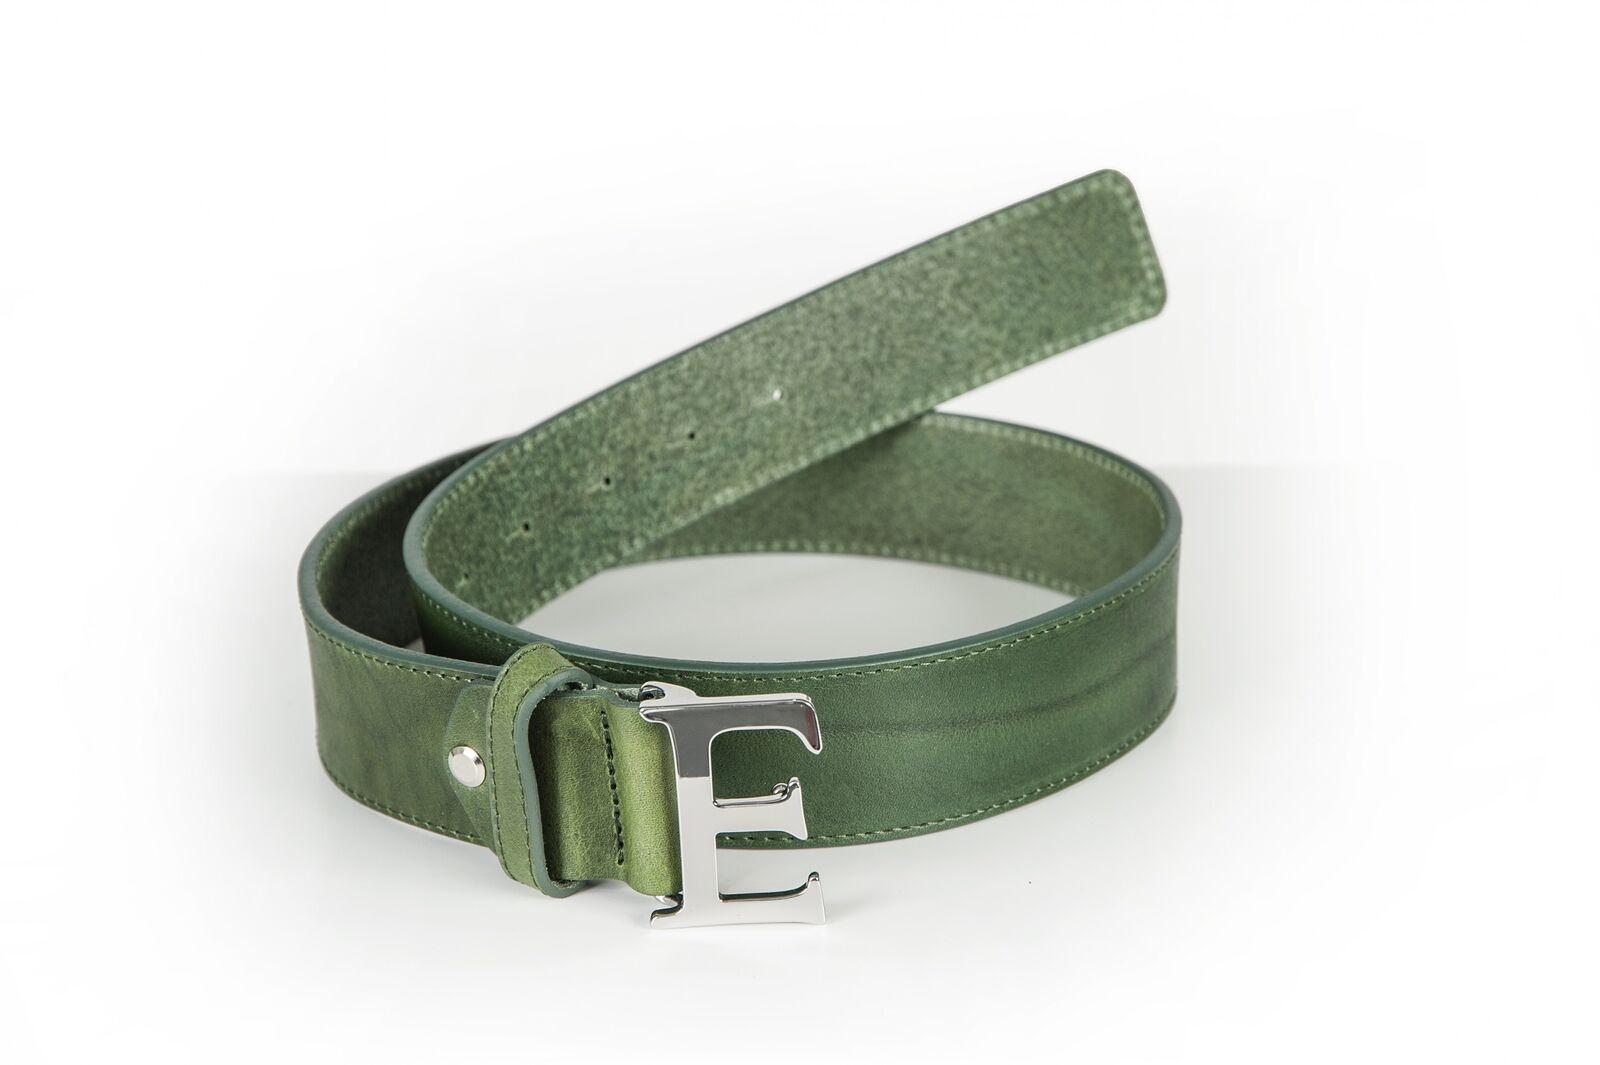 Equiline Ledergürtel BETTA grün mit großer Schnalle Schnalle Schnalle 16681c